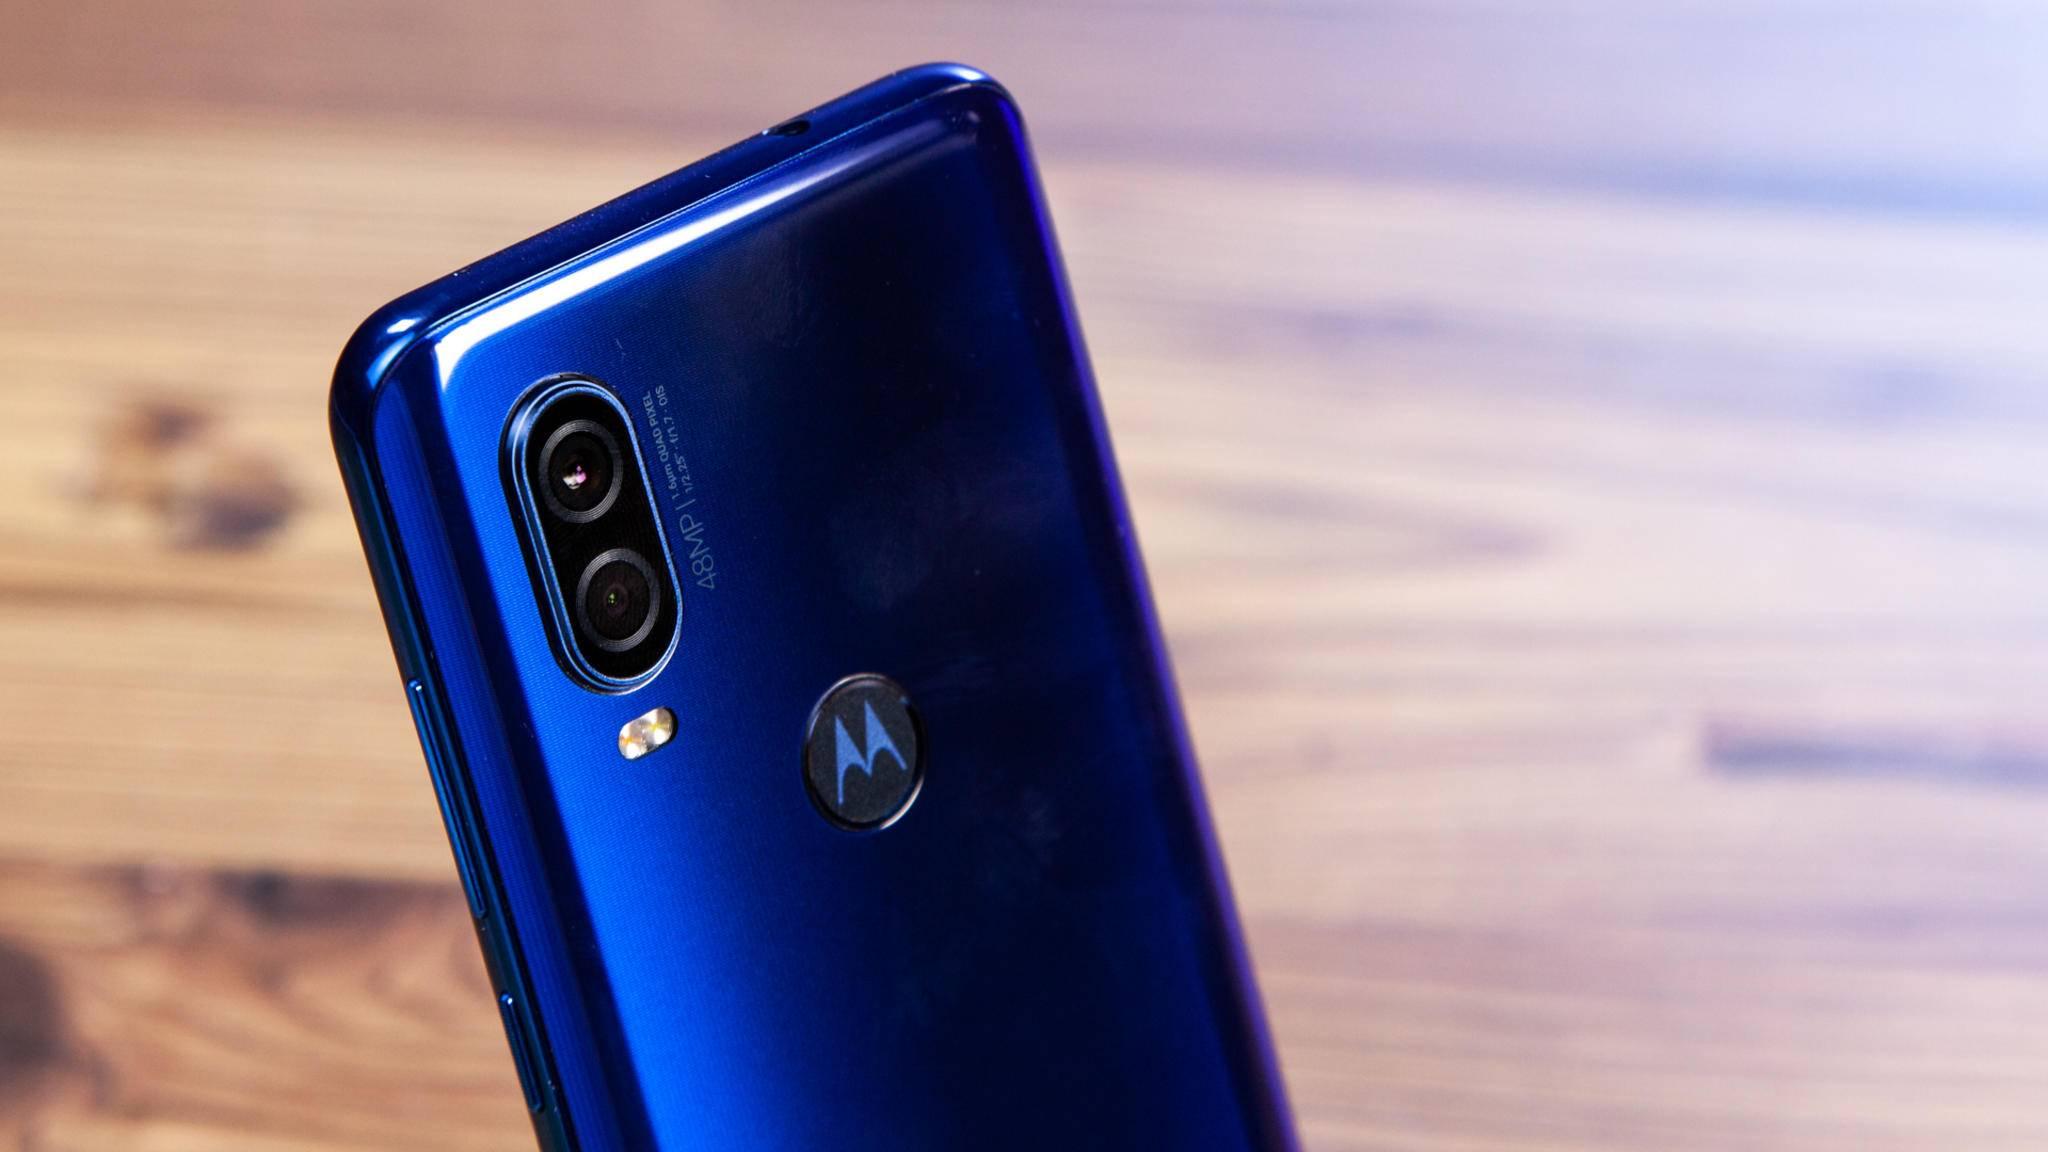 Das Motorola One Vision wird offenbar durch ein Pro-Modell ergänzt.